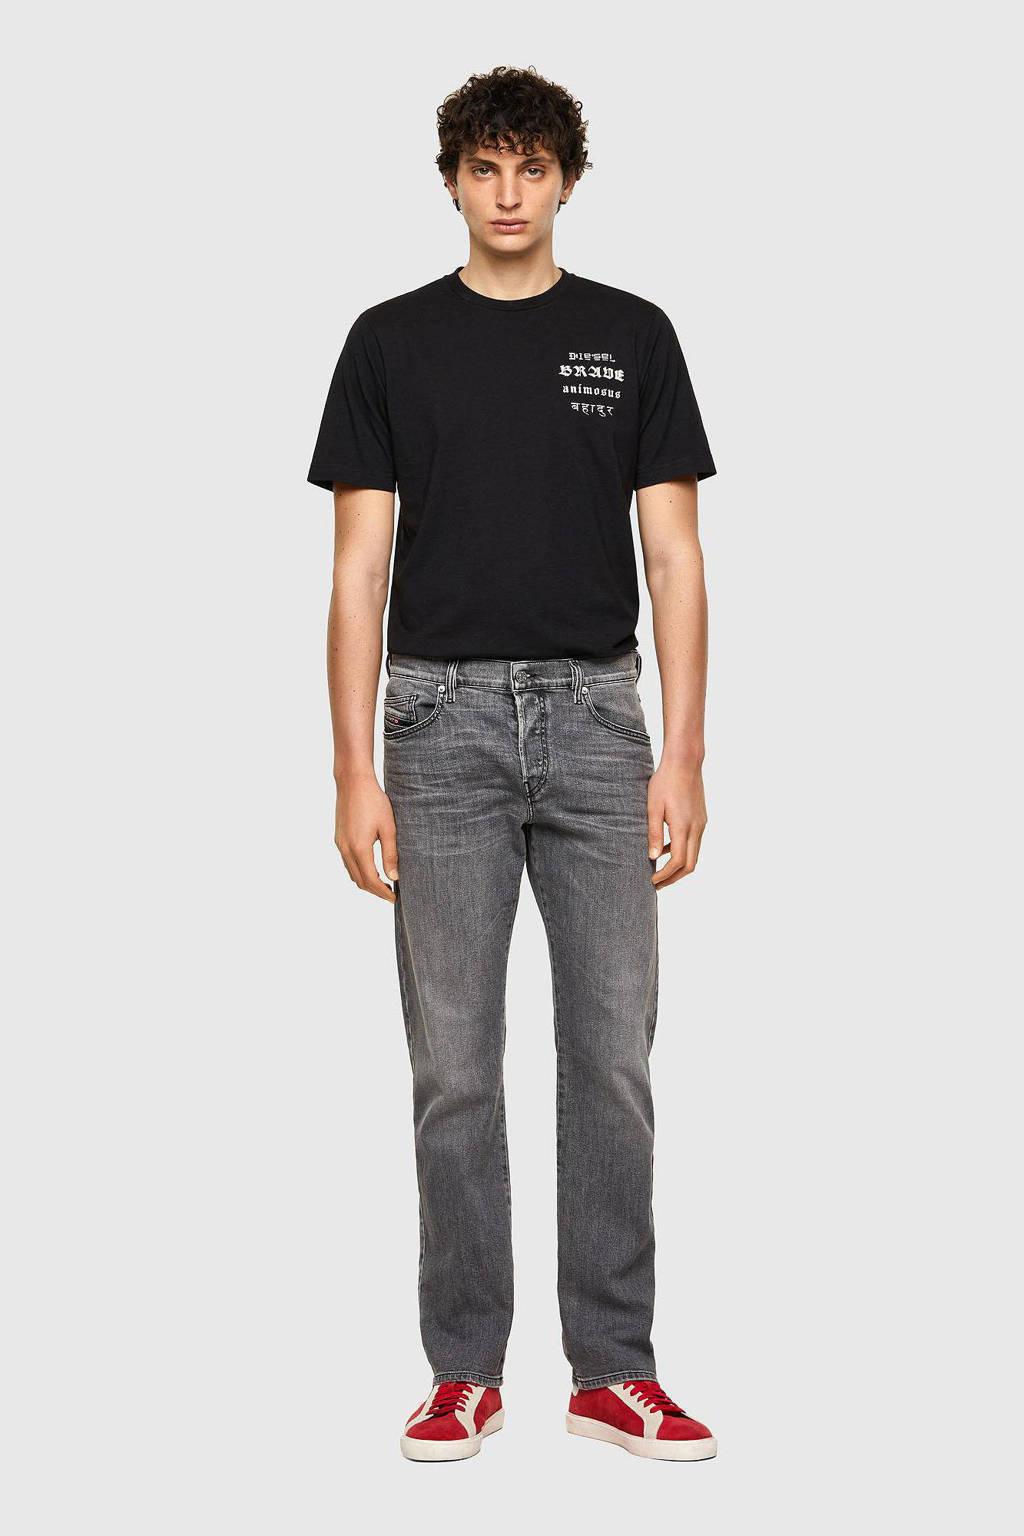 Diesel straight fit jeans D-MIHTRY black denim, Black denim